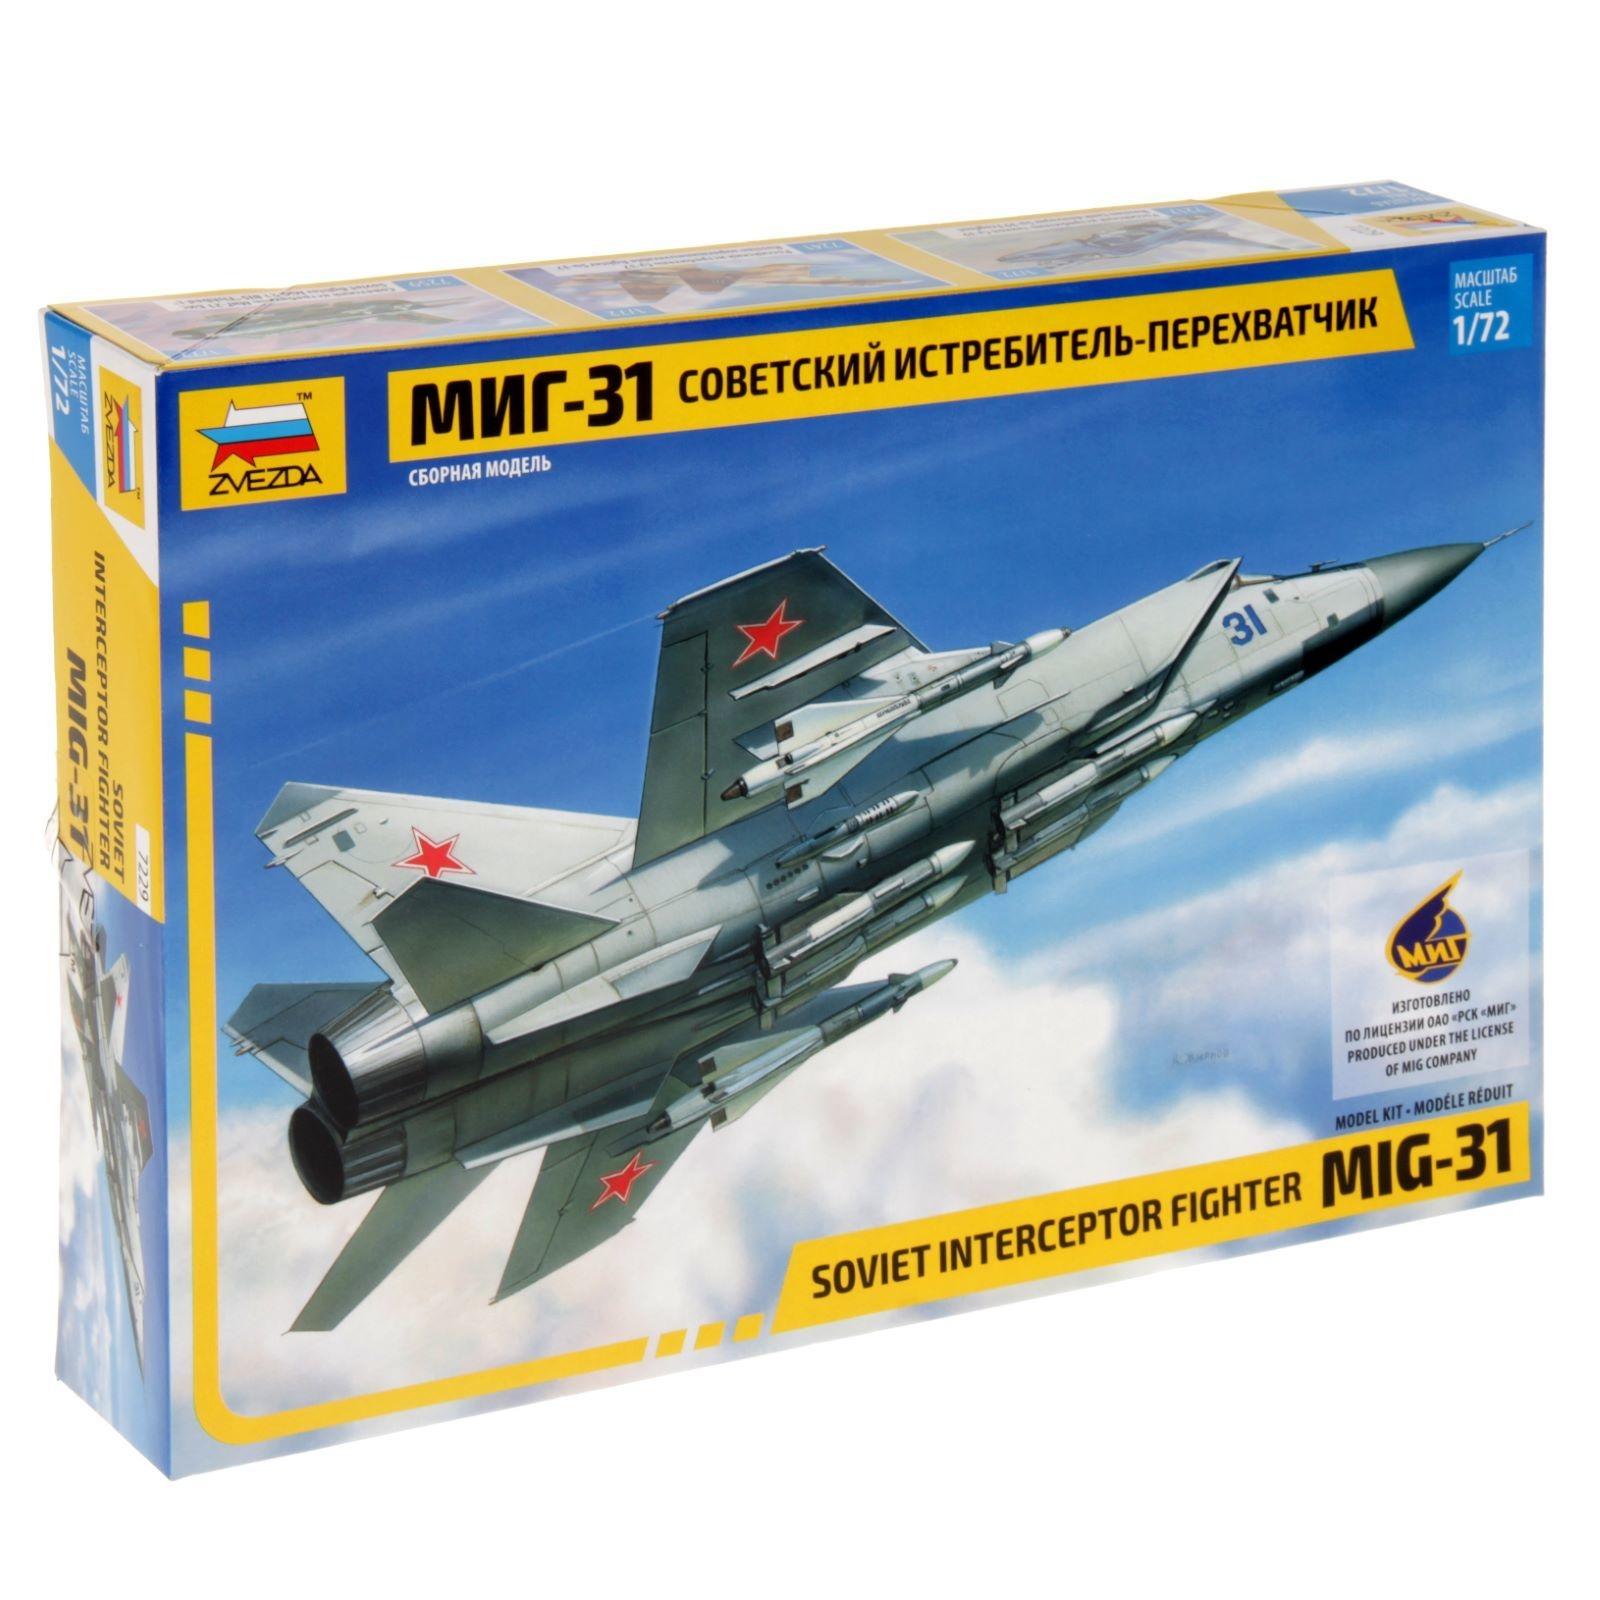 Советский истребитель-перехватчик МиГ-31